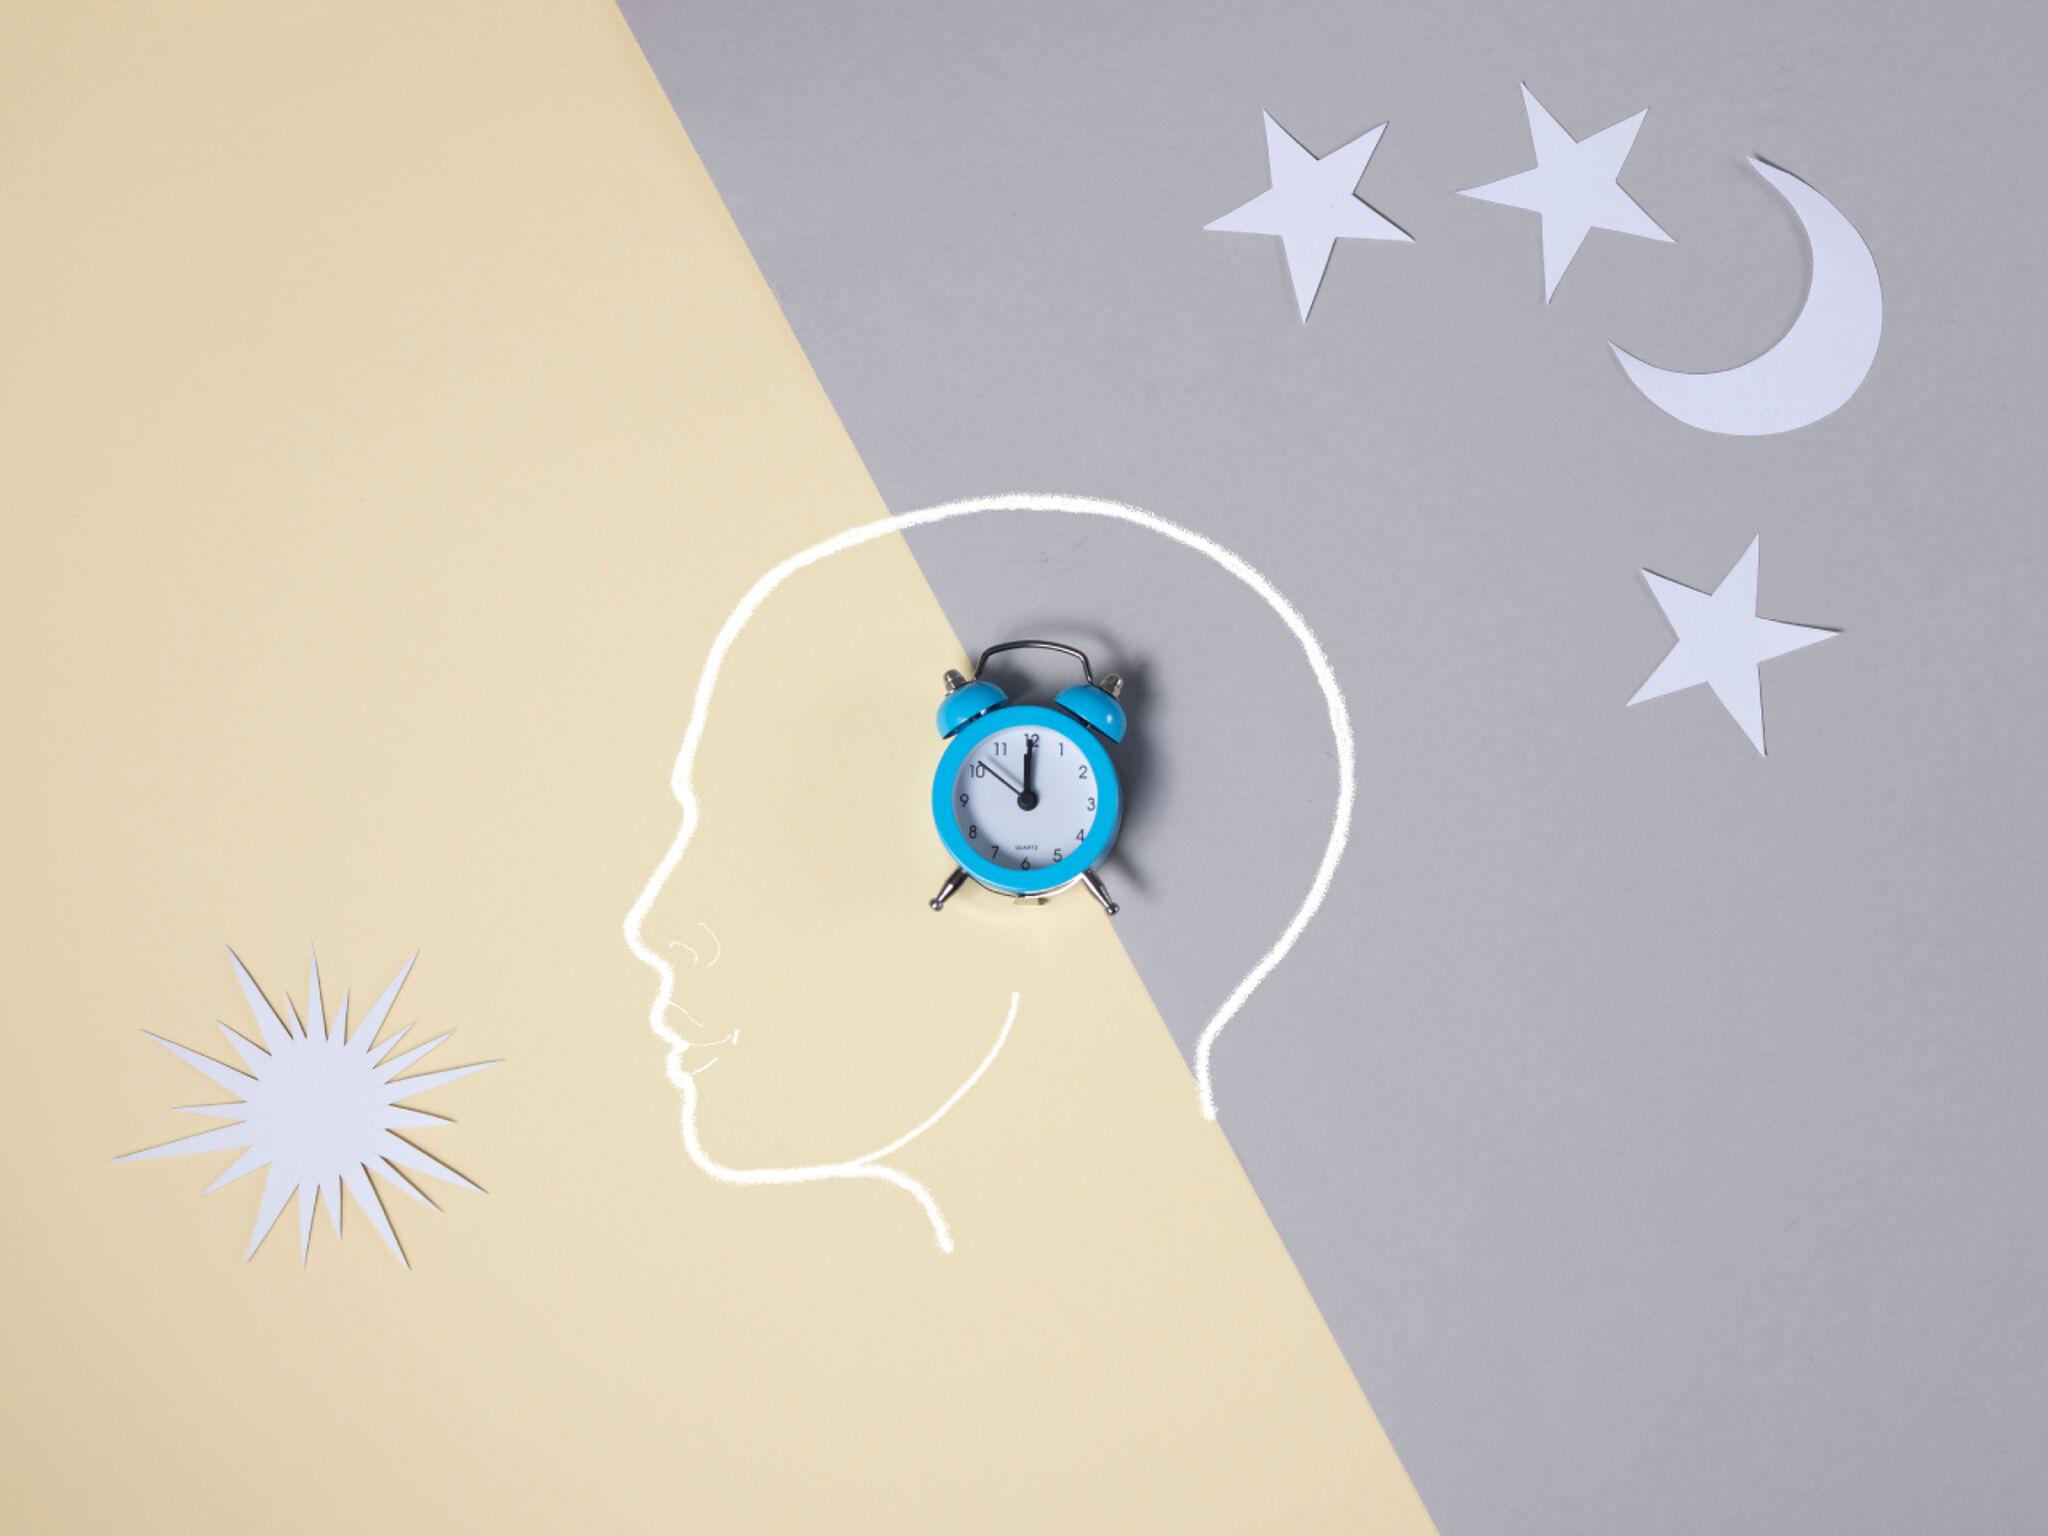 睡眠を表わすイラスト画像